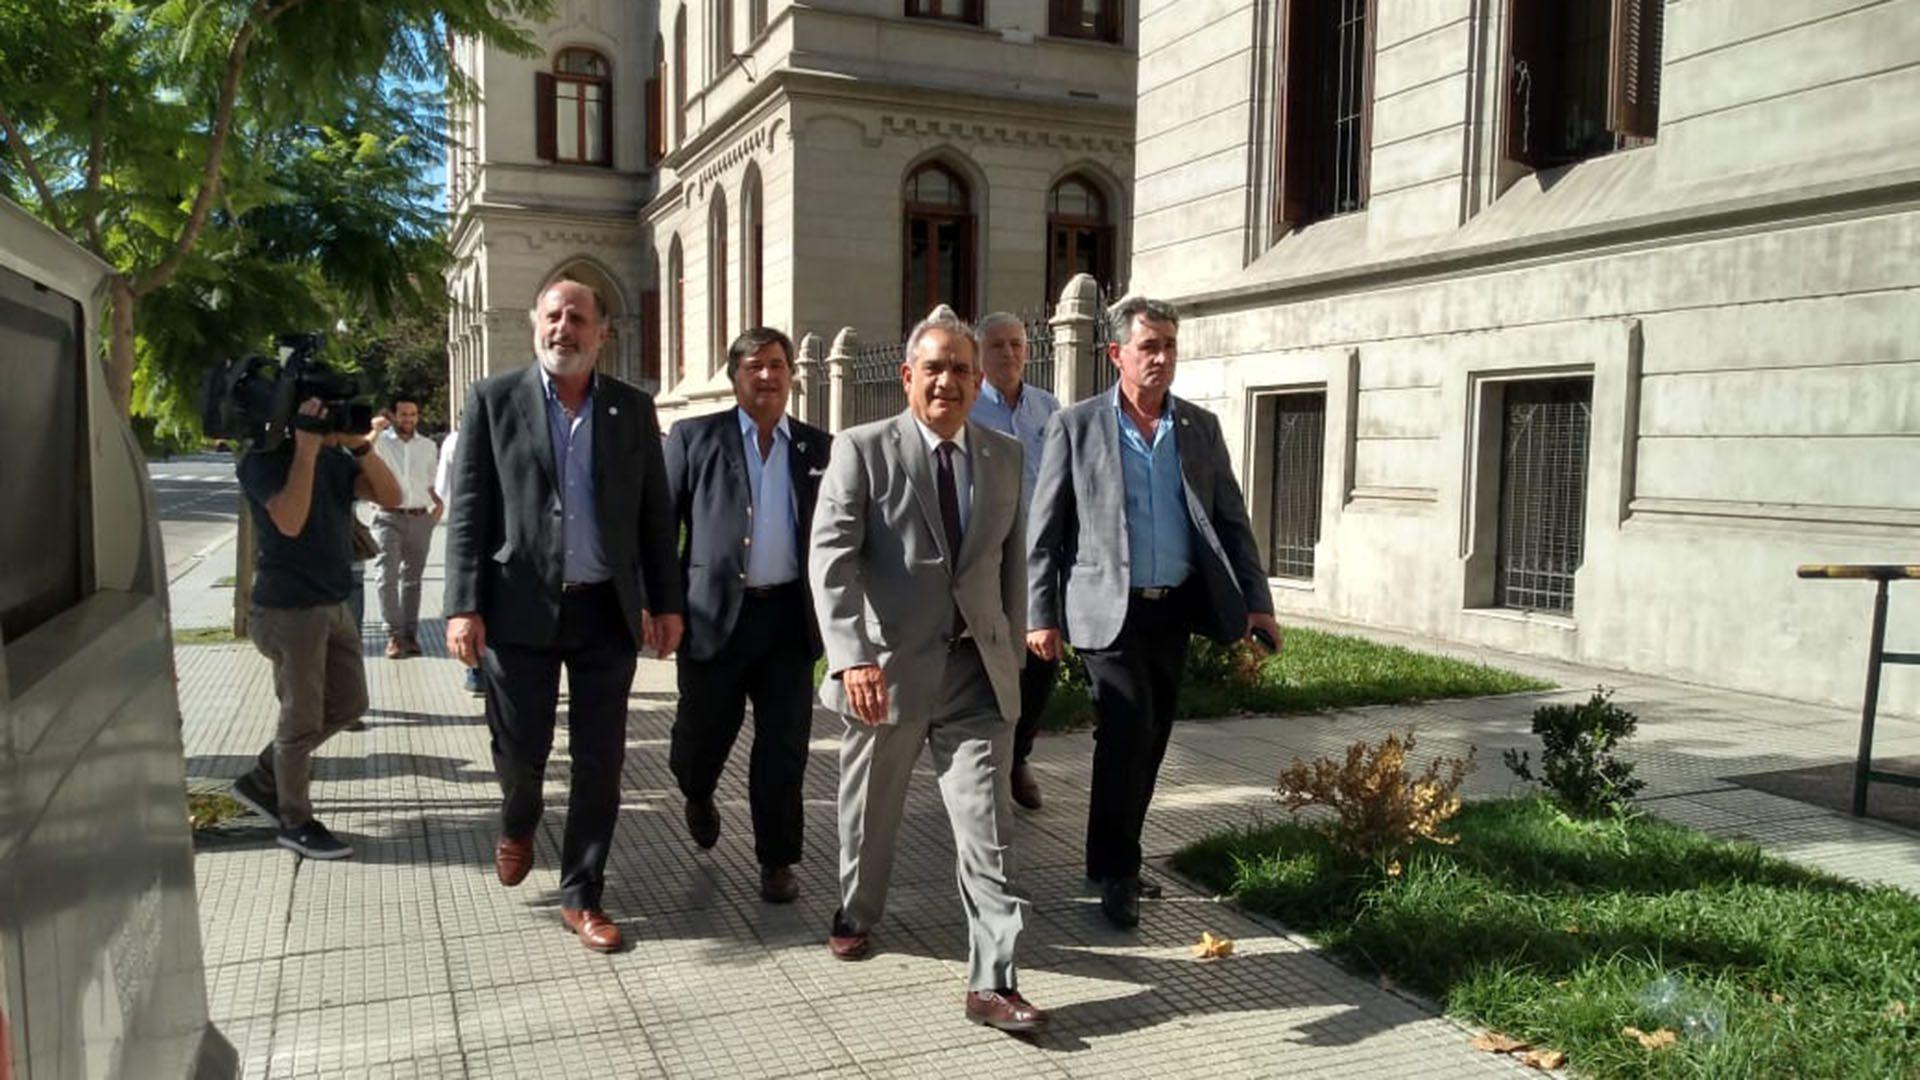 Los dirigentes de la Mesa de Enlace opinaron sobre el aumento de casos de tomas de tierras